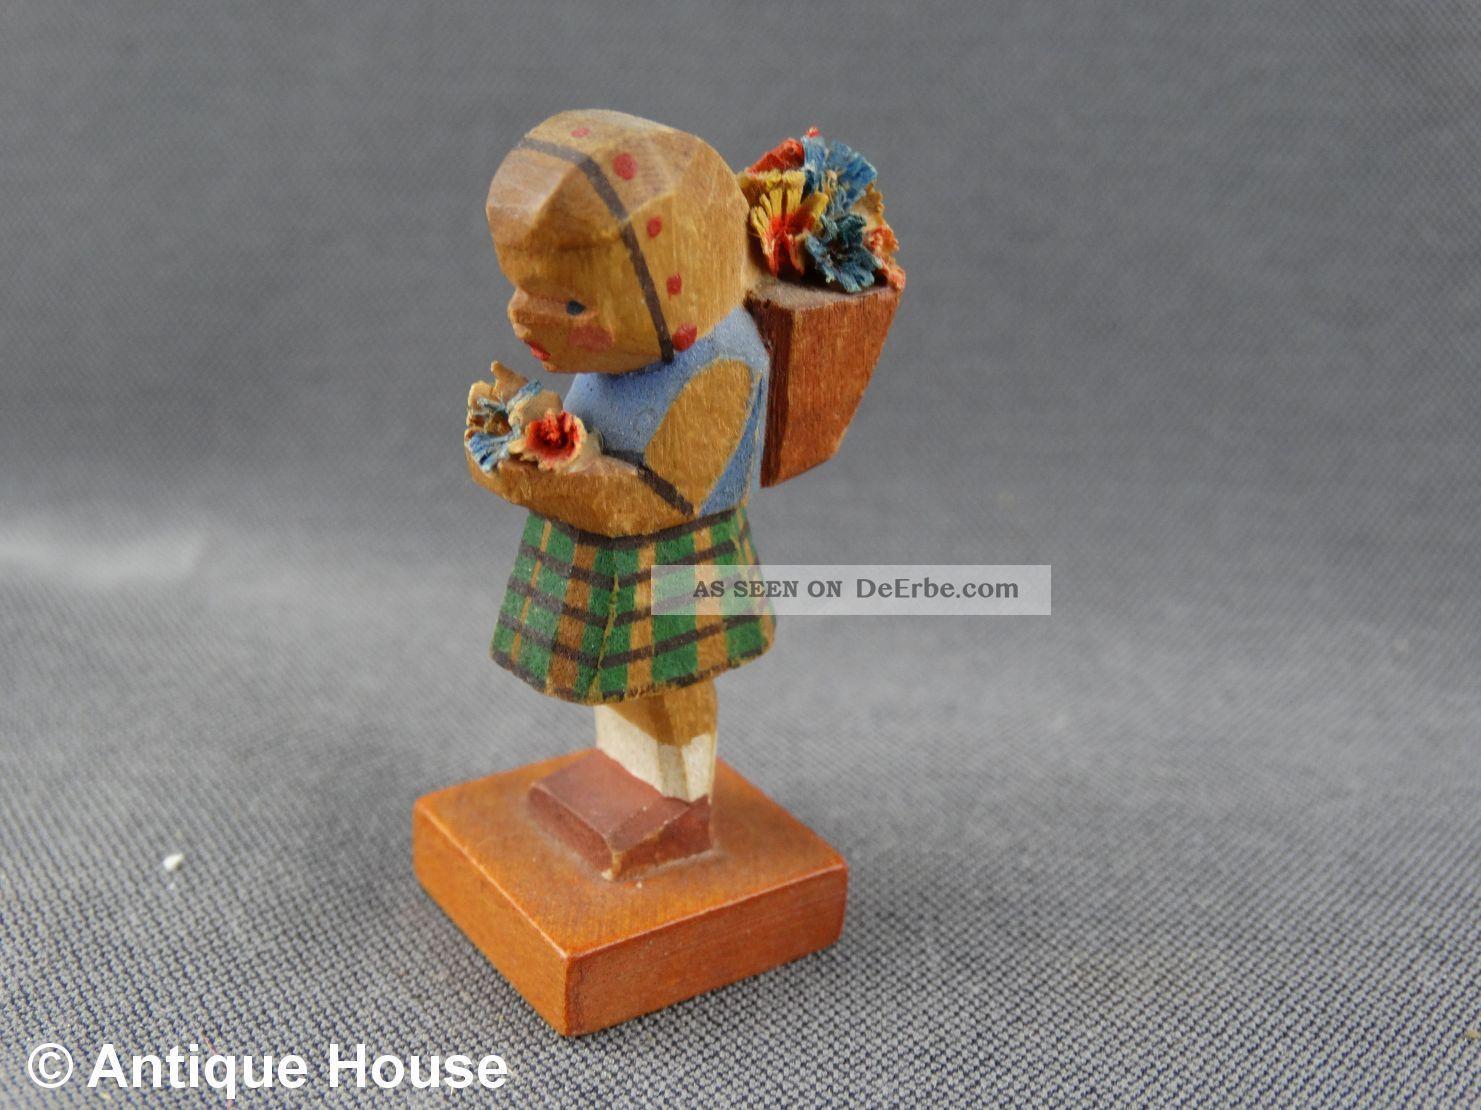 Erzgebirge Volkskunst Holzfigur Emil Helbig Mädchen Mit Blumenkiepe Karierter Ro Objekte nach 1945 Bild